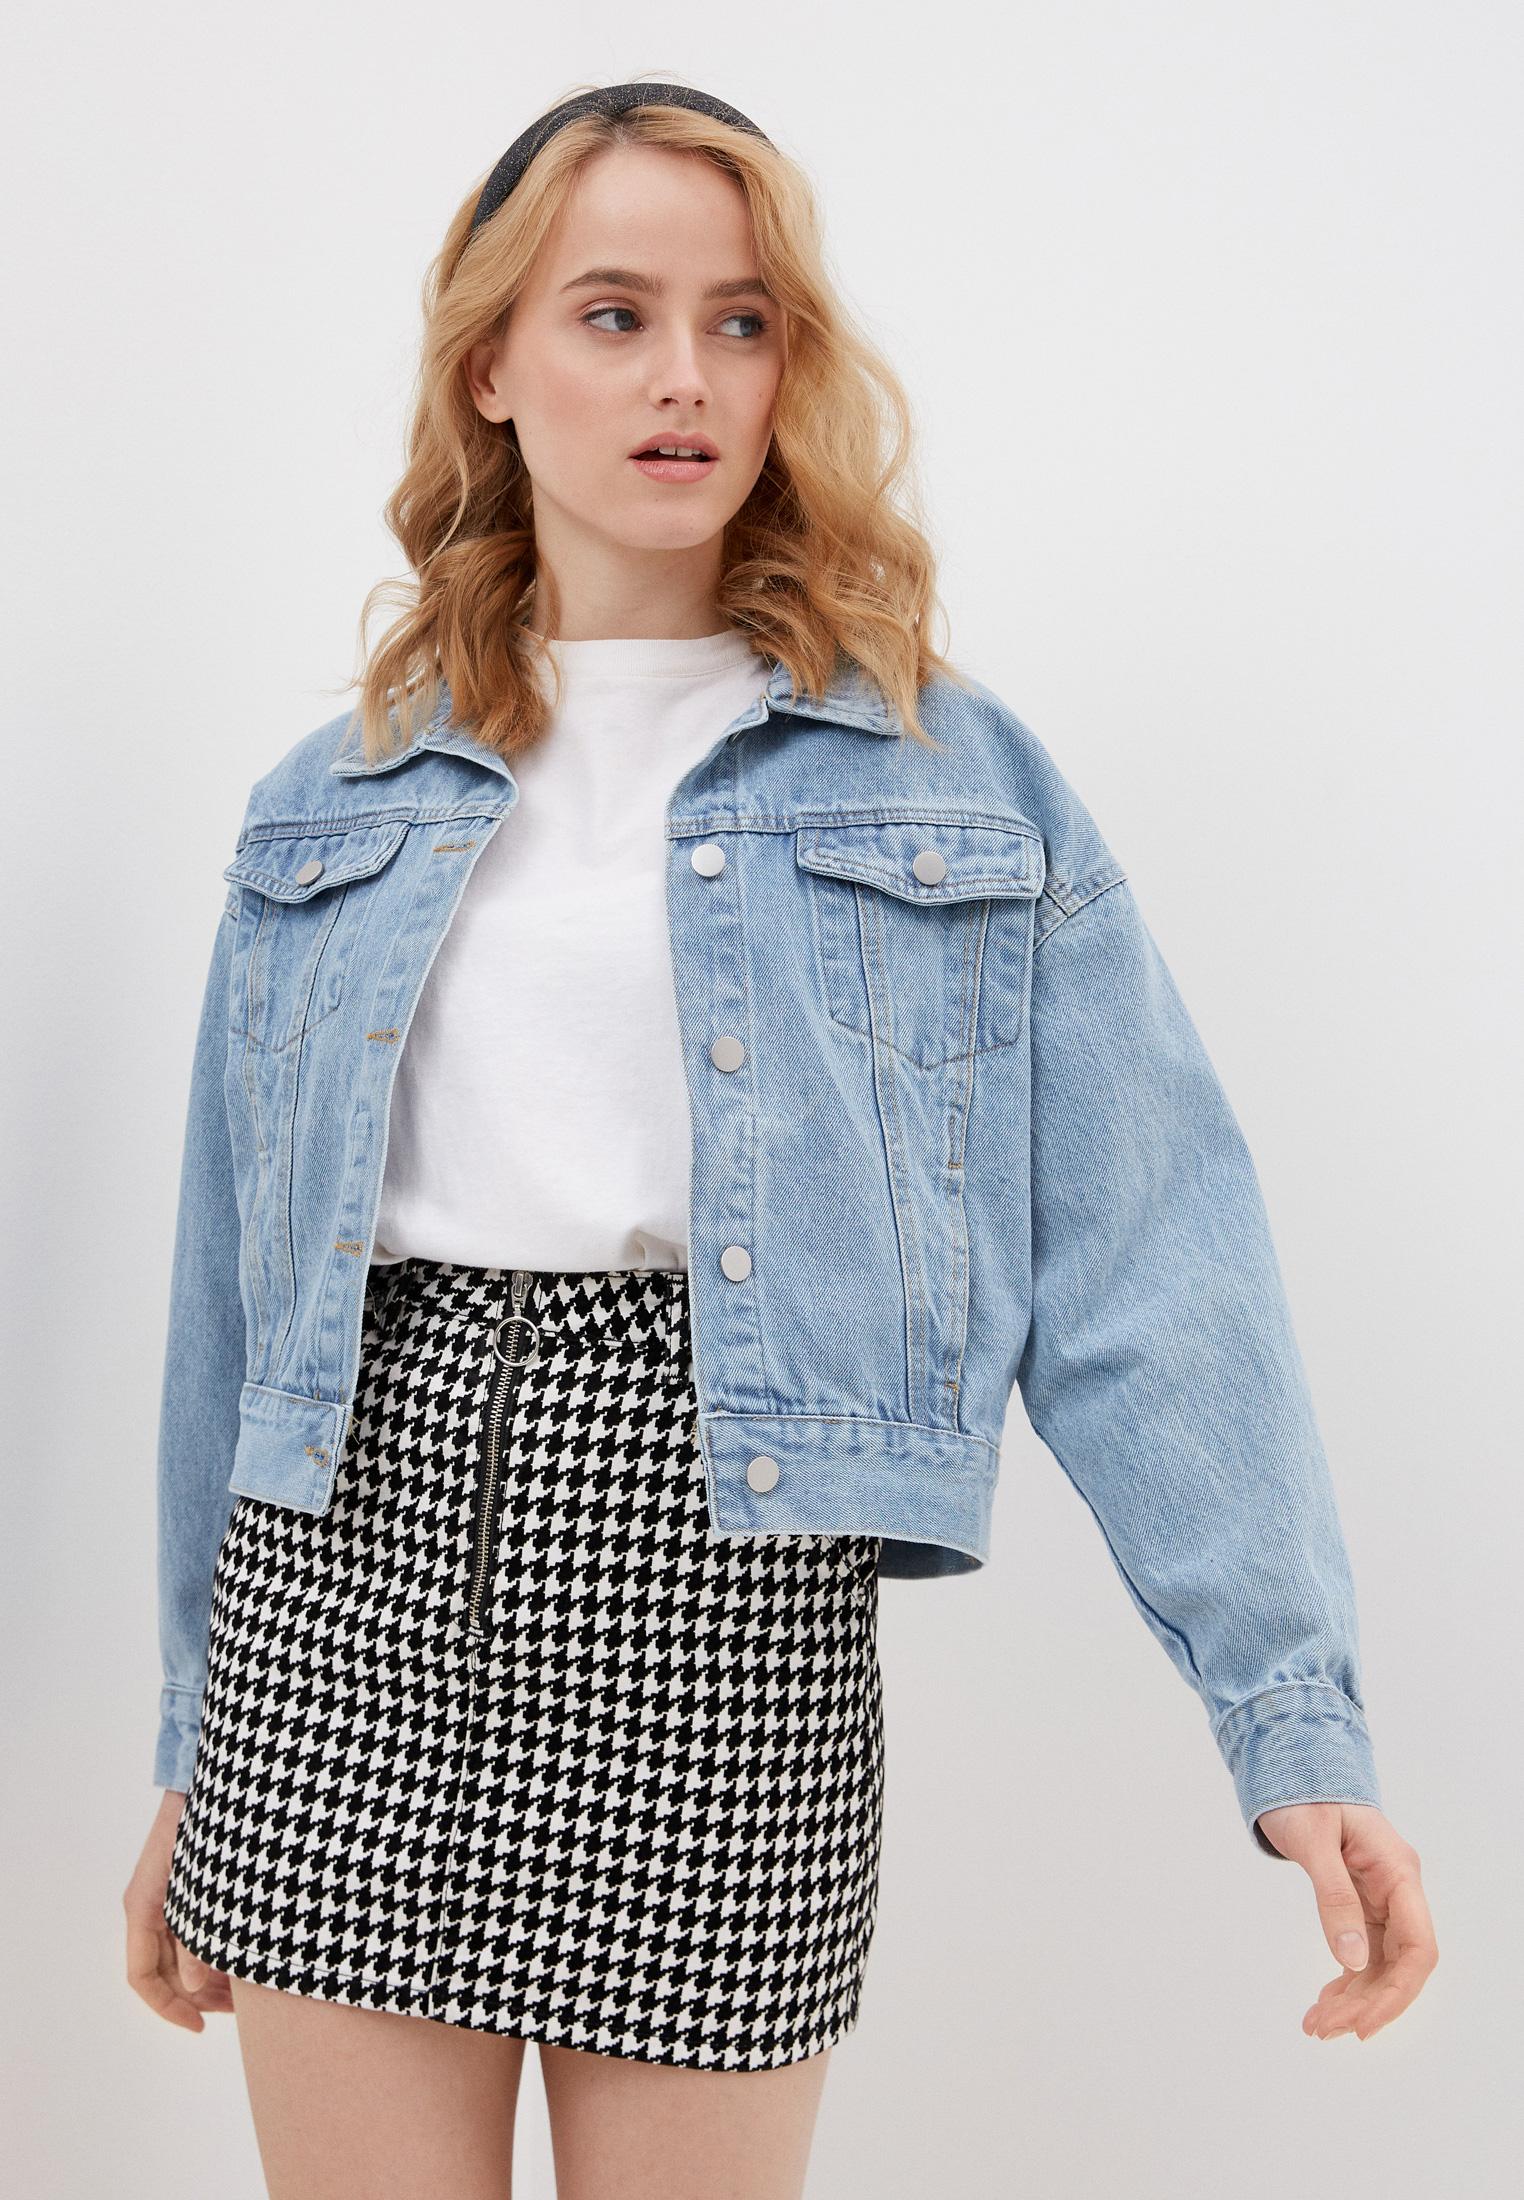 Джинсовая куртка Elsi 9009-21